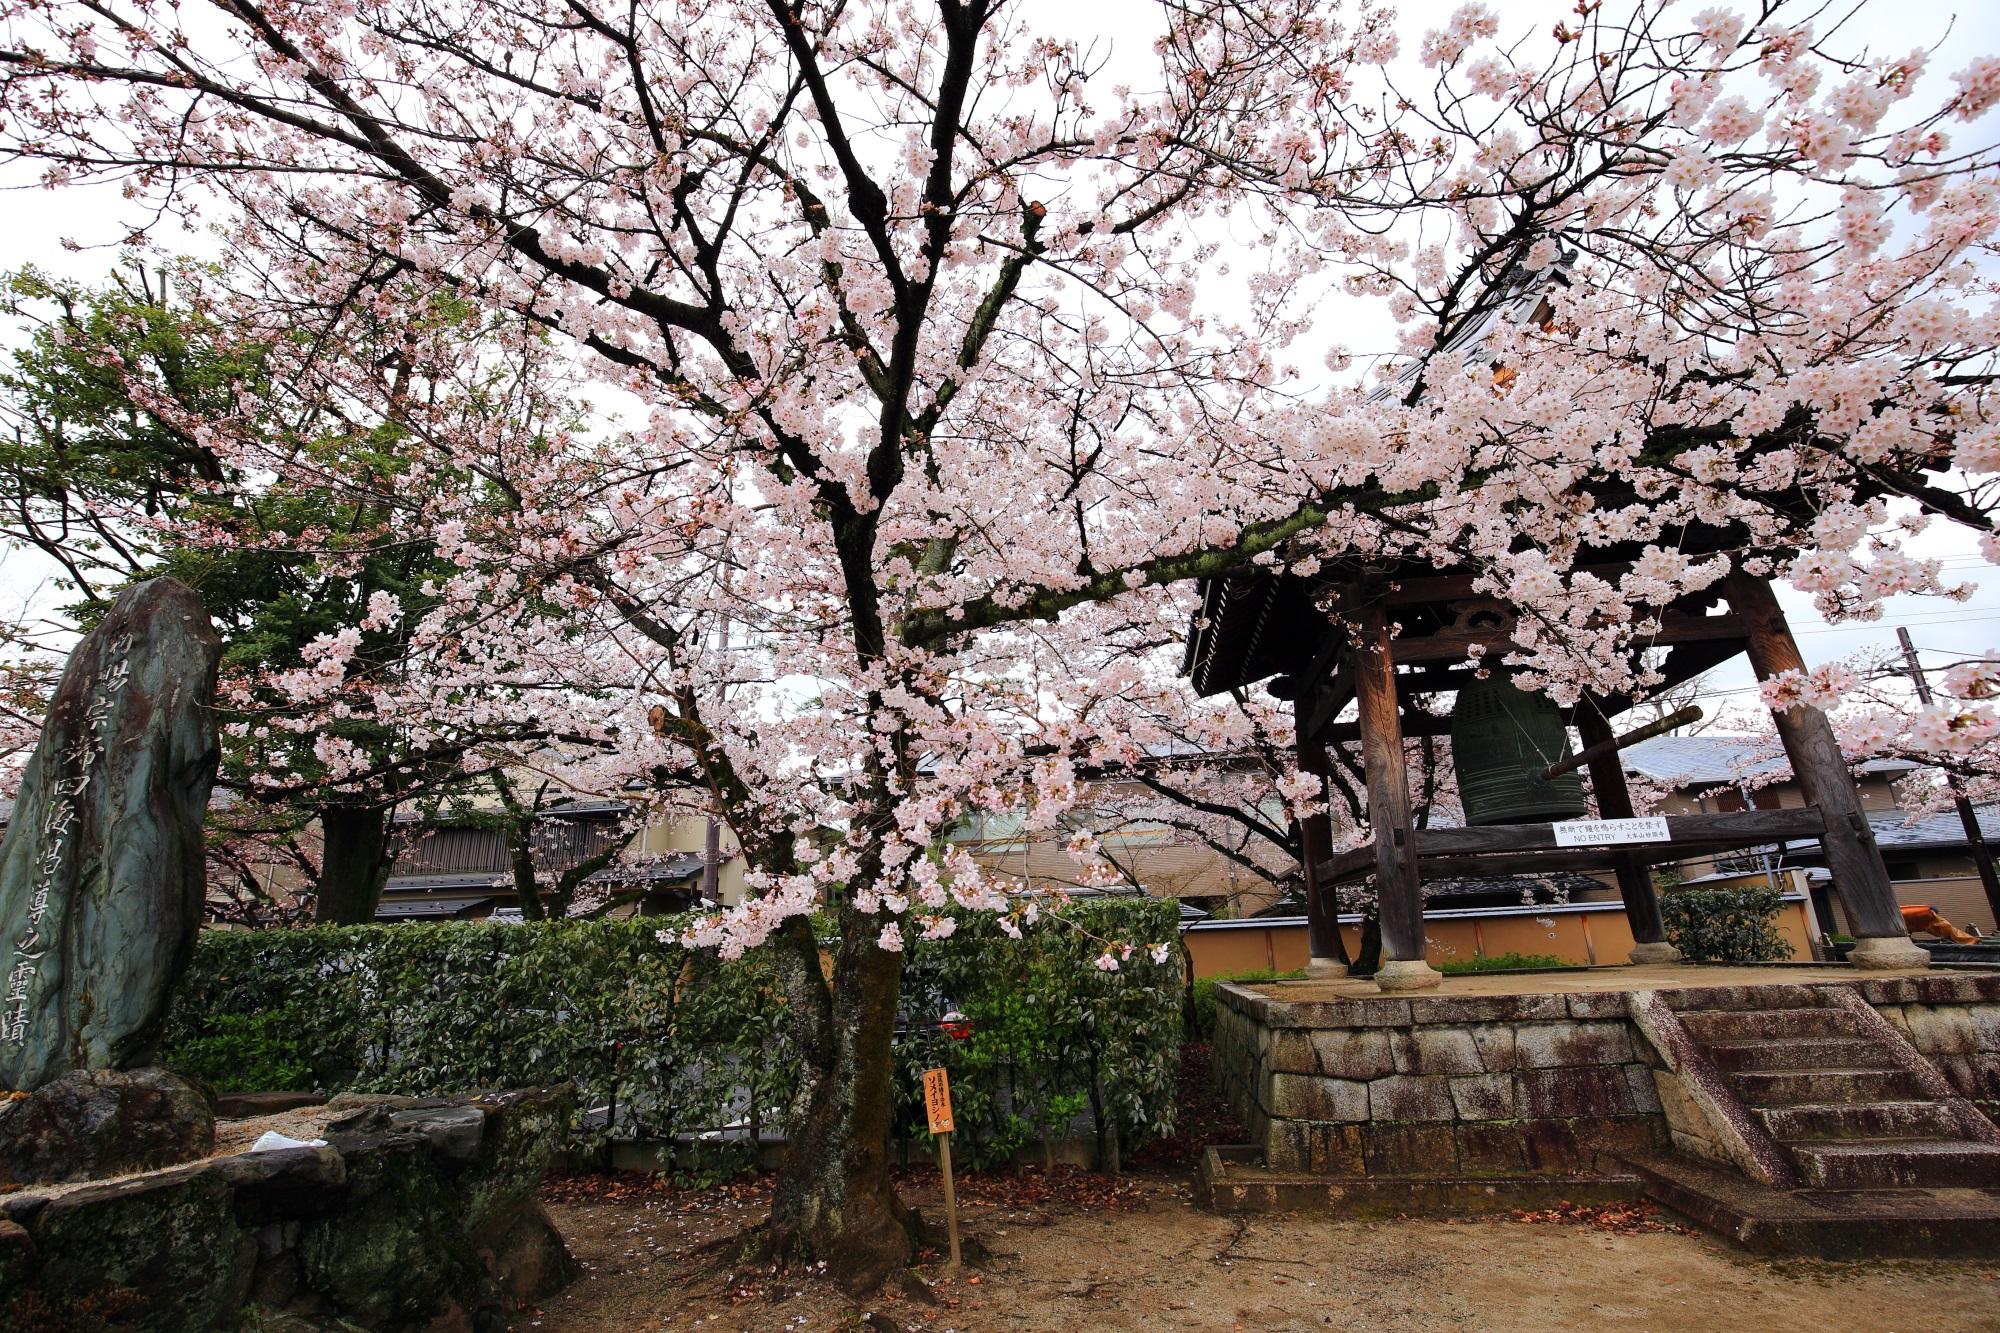 妙顕寺の鐘楼と桜